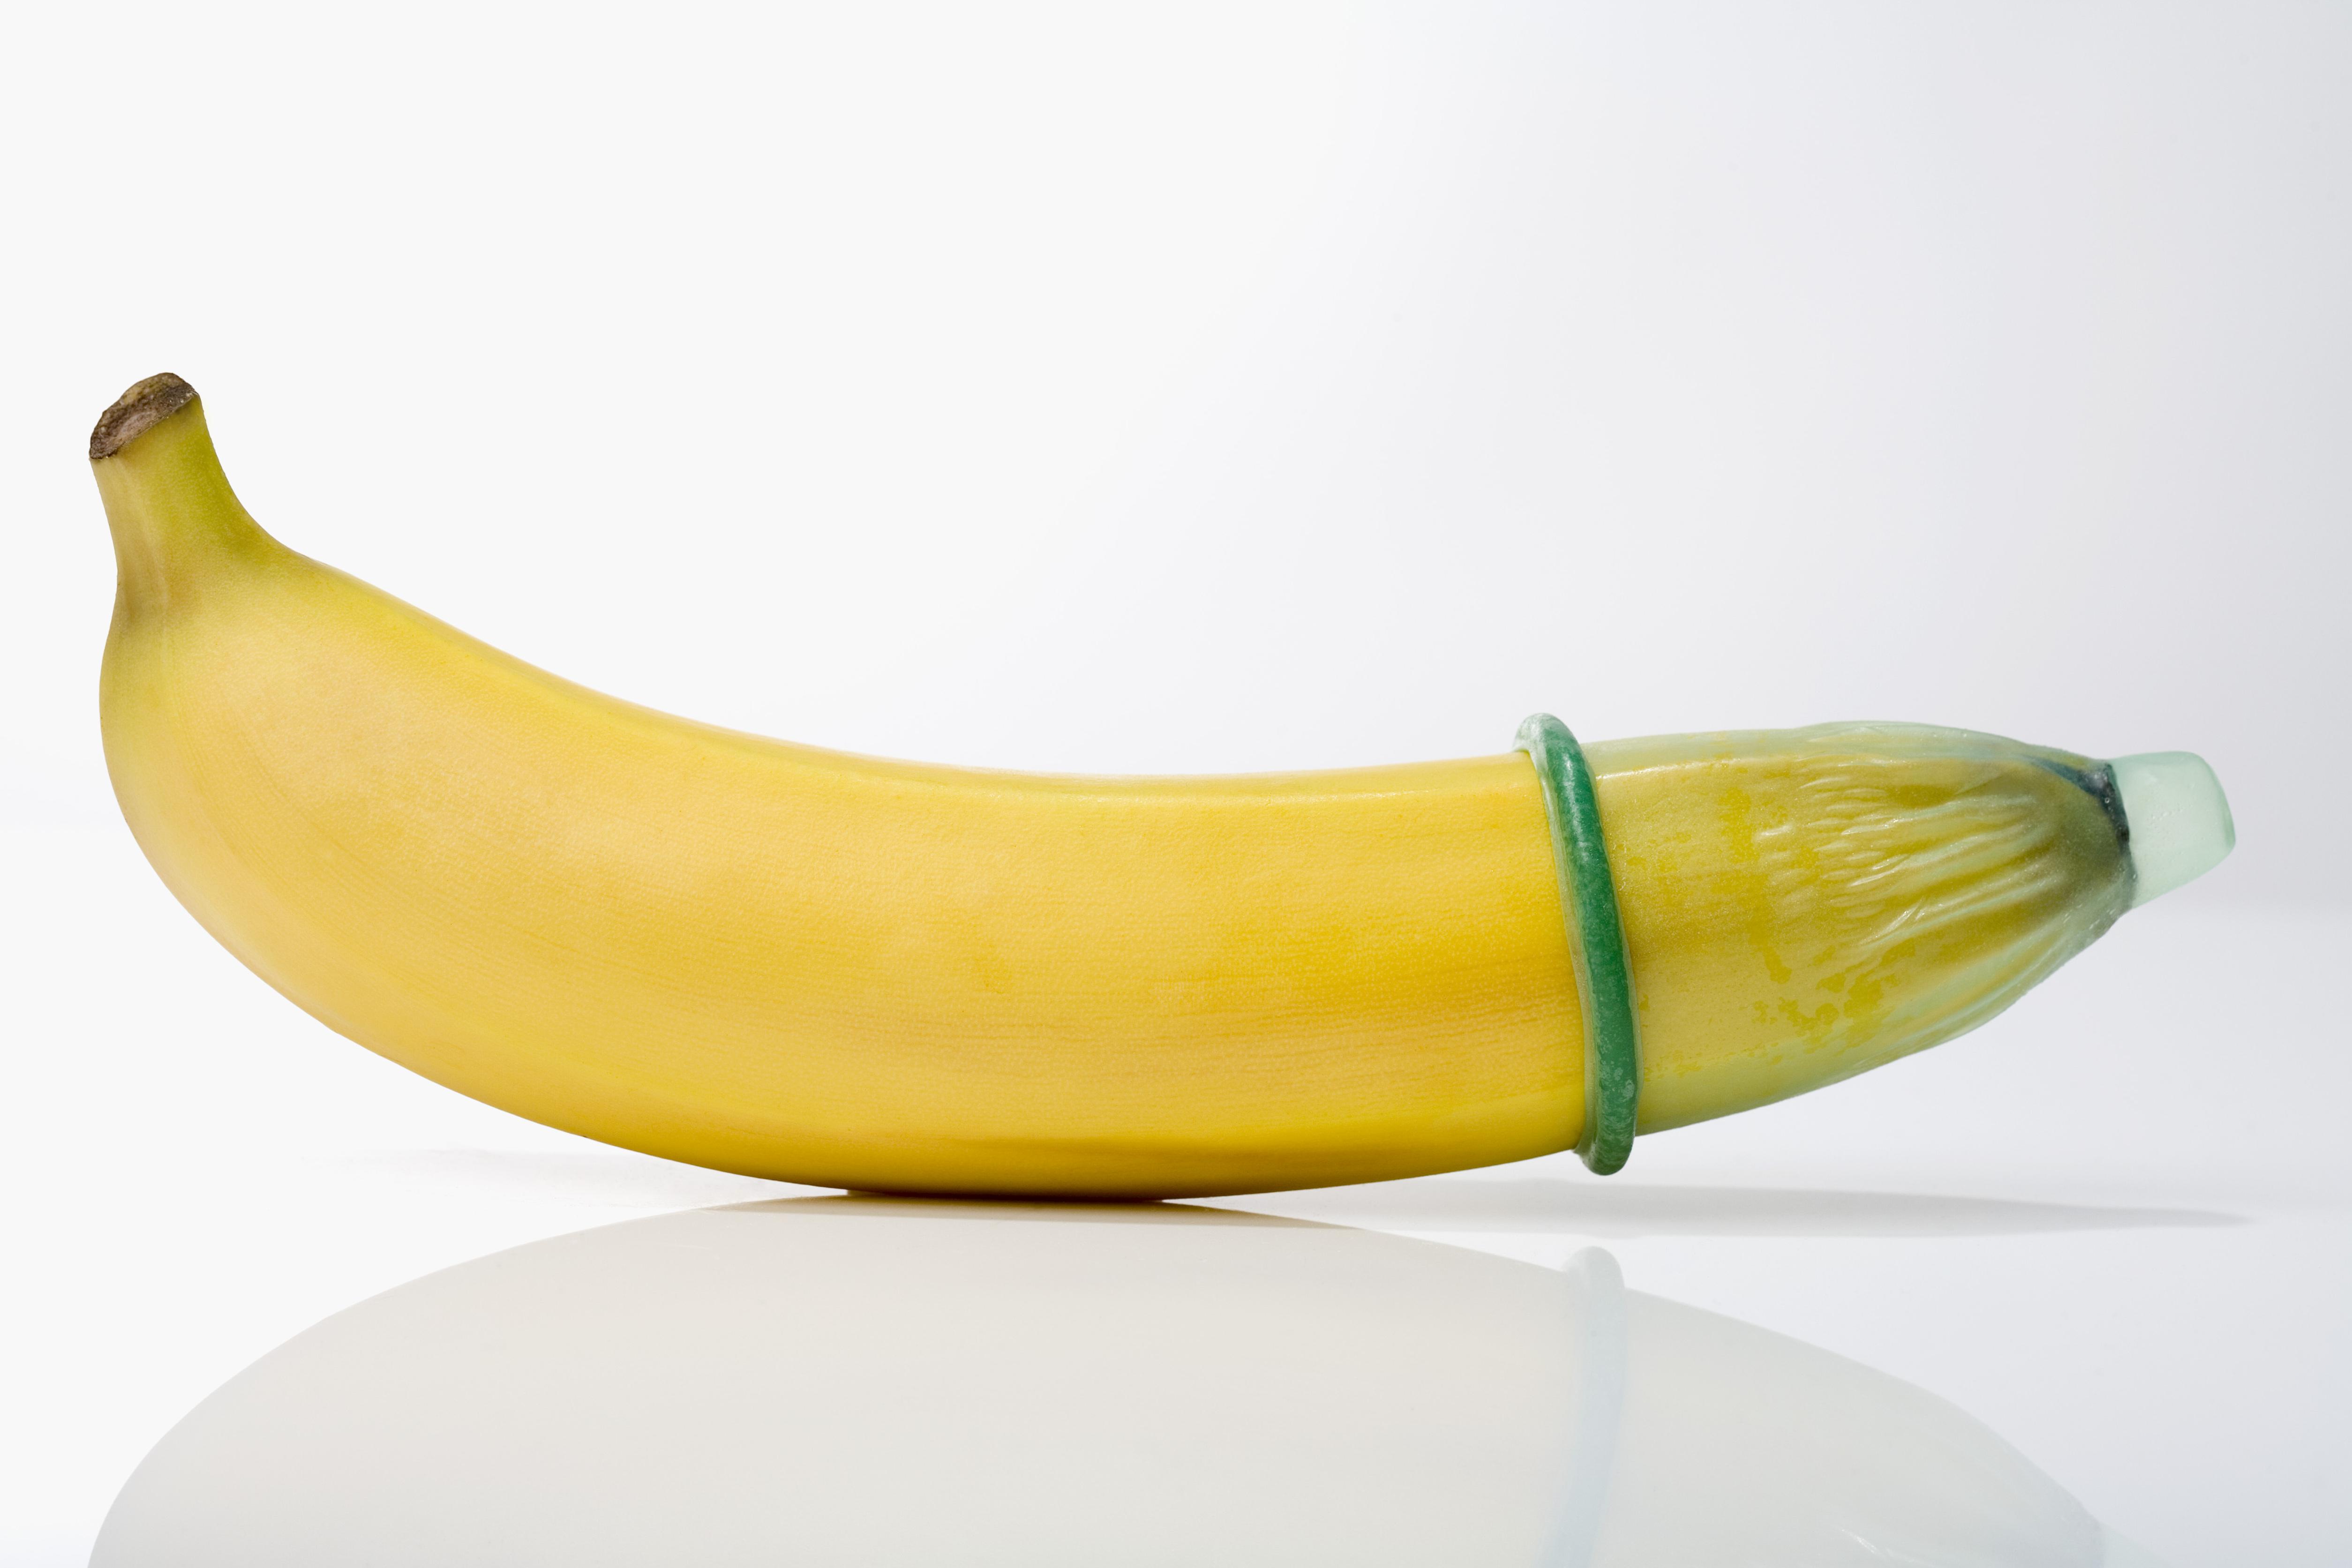 Condom on banana, close-up